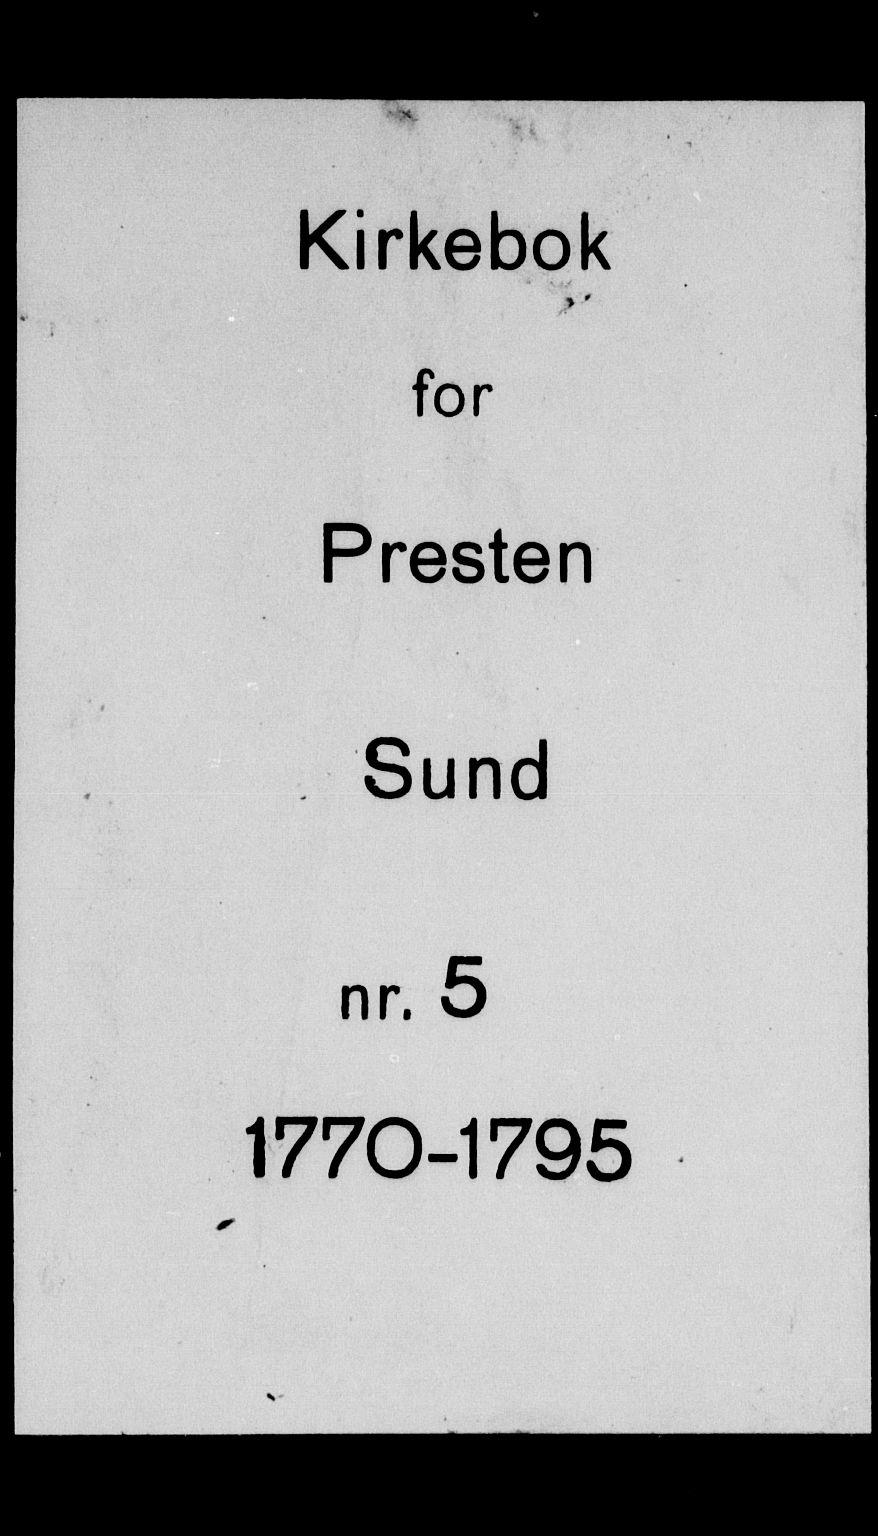 SAB, Sund sokneprestembete, Ministerialbok nr. A 5, 1770-1795